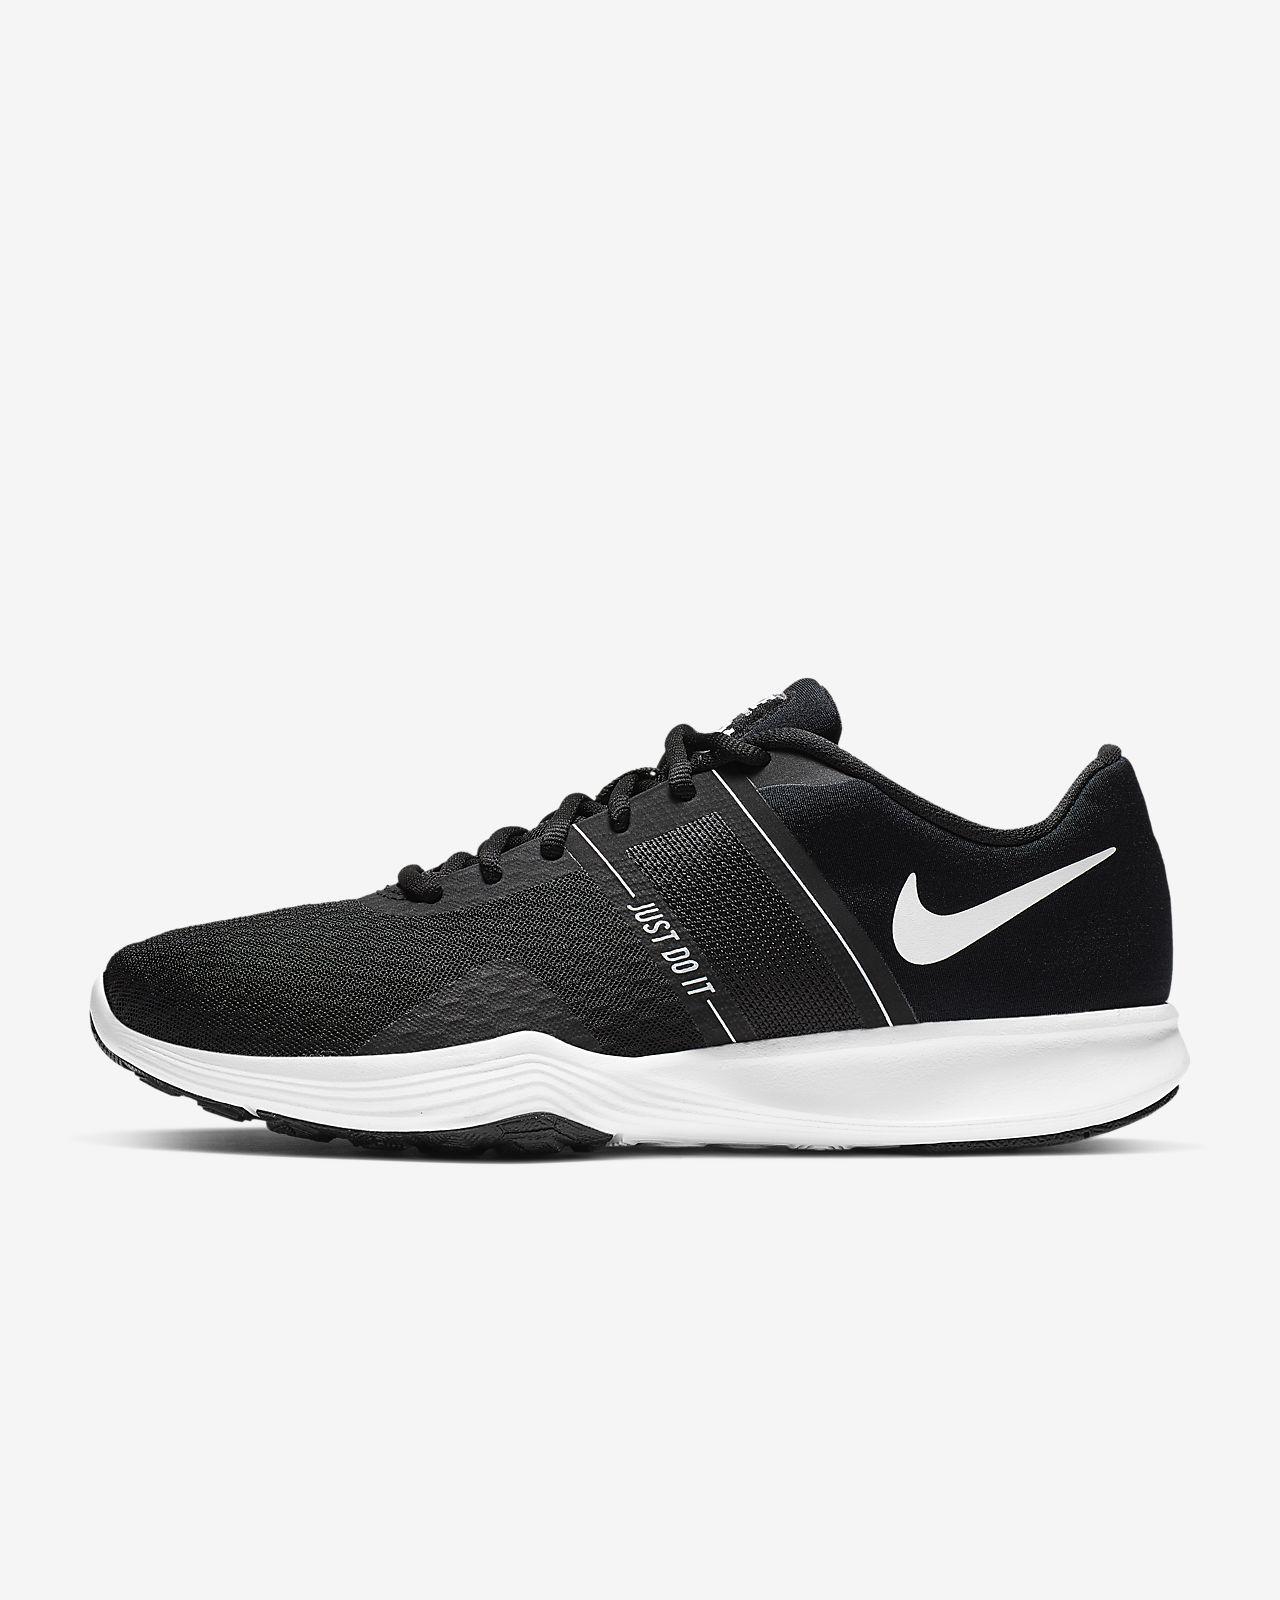 Träningssko Nike City Trainer 2 för kvinnor